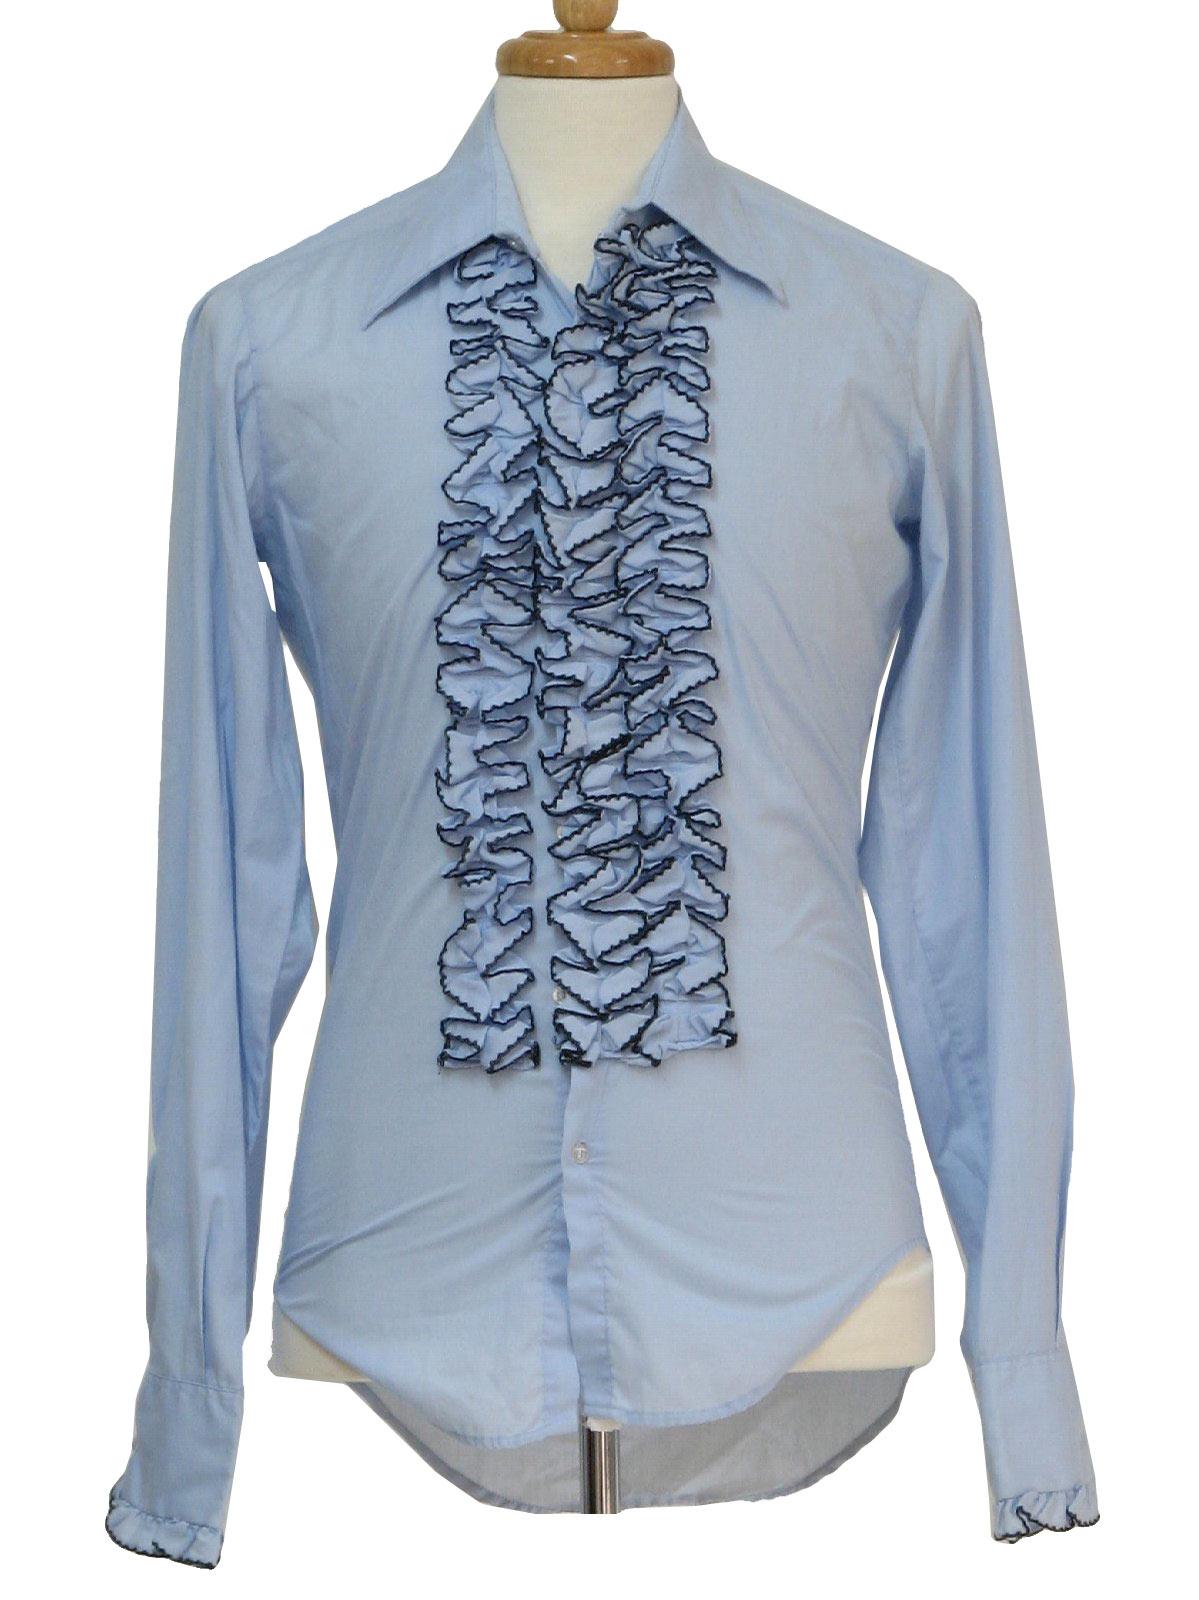 70s Shirt (After Six): 70s -After Six- Mens light sky blue ... | 1199 x 1600 jpeg 190kB